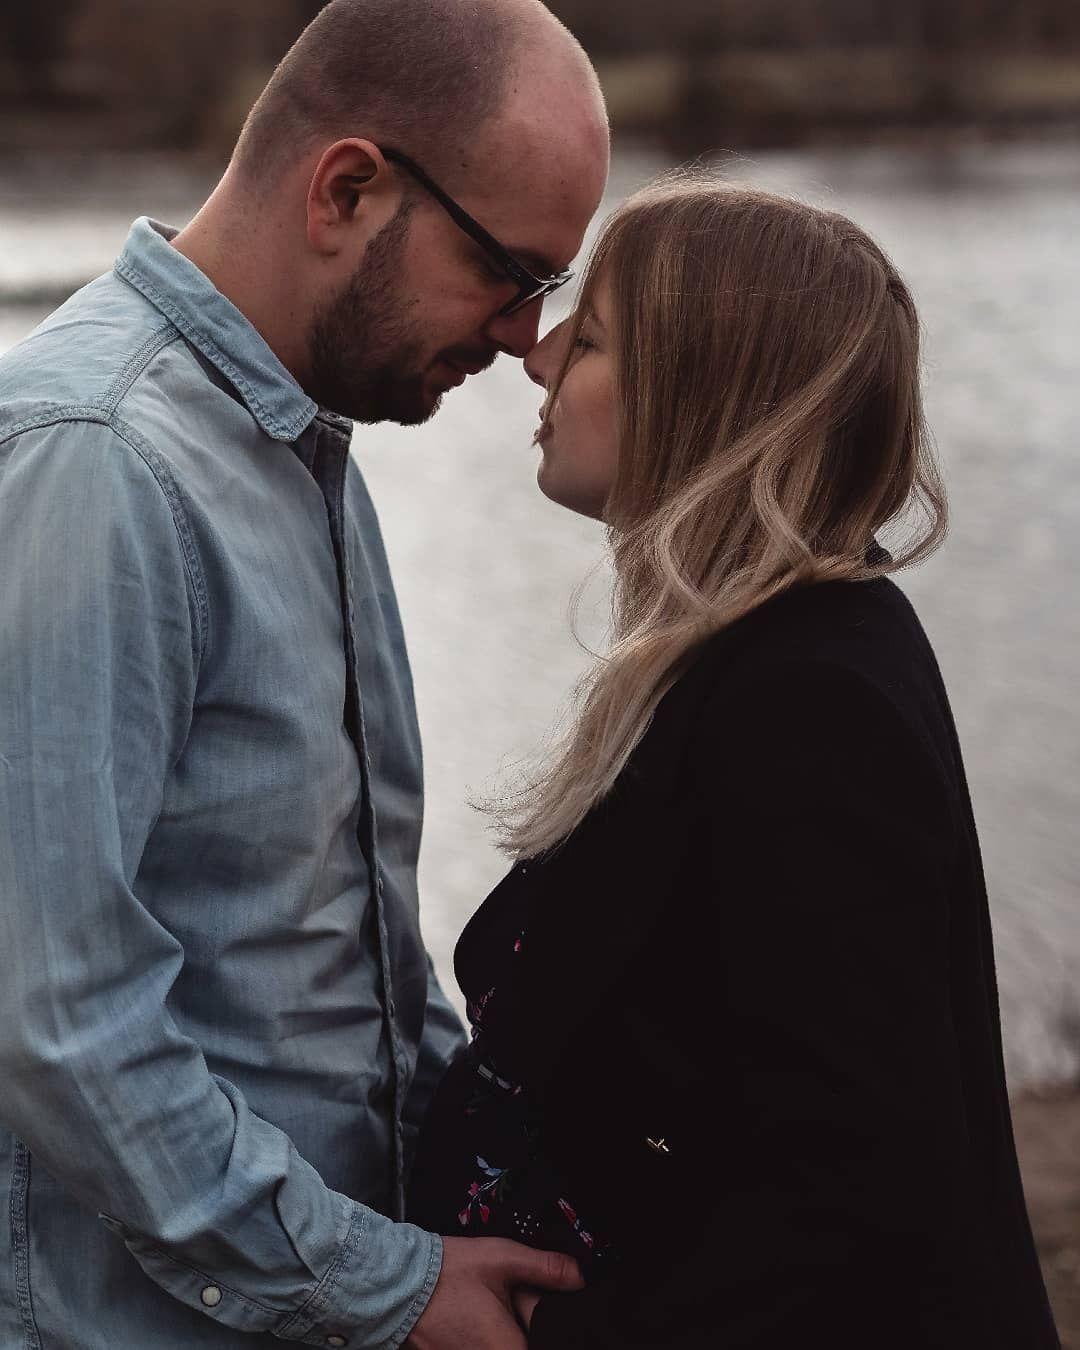 Liebe muss blind sein, wenn zwei Menschen ein noch nicht